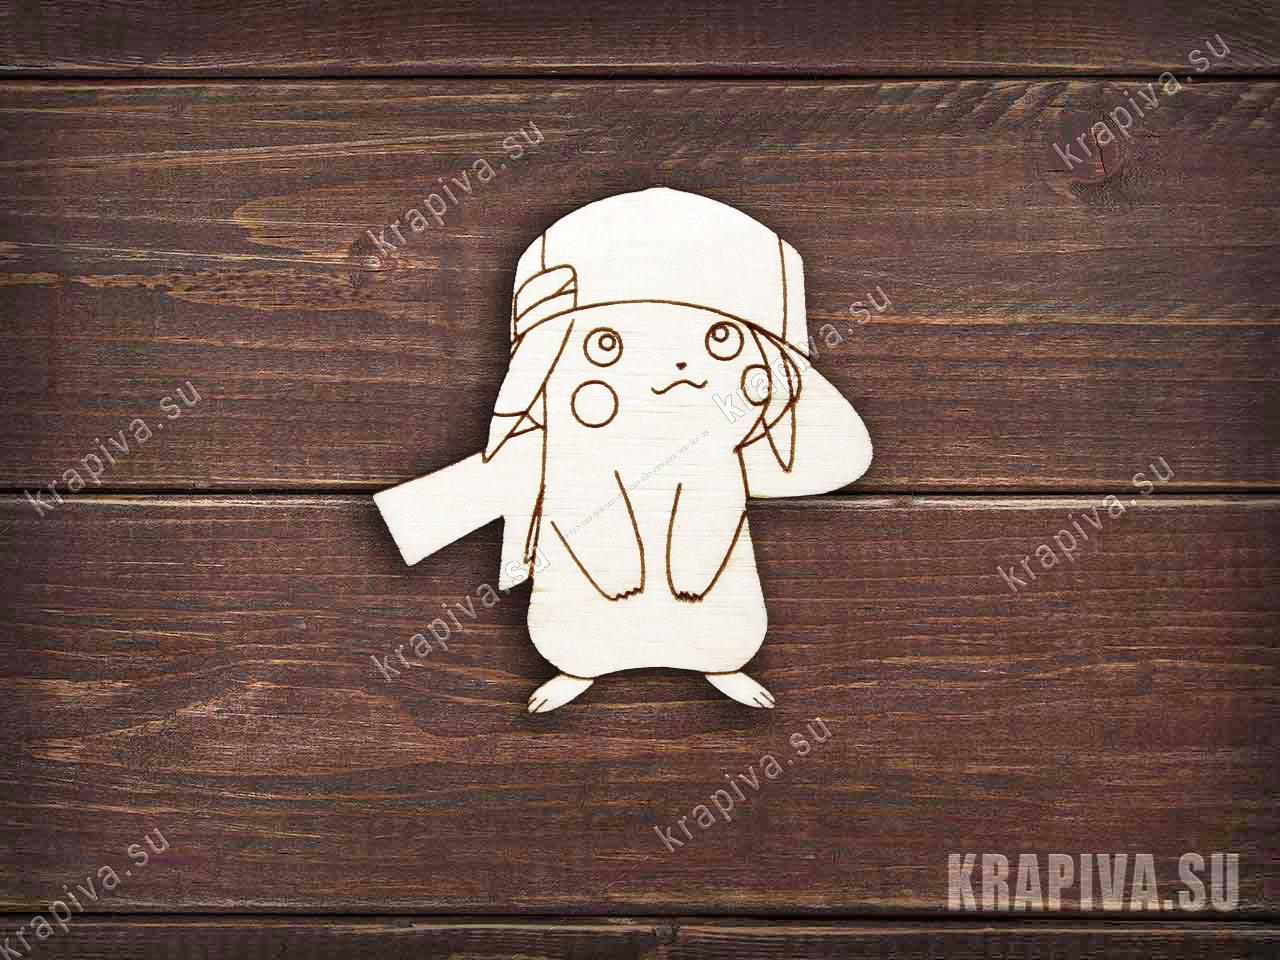 Деревянная заготовка Пикачу в бейсболке для росписи (krapiva.su)